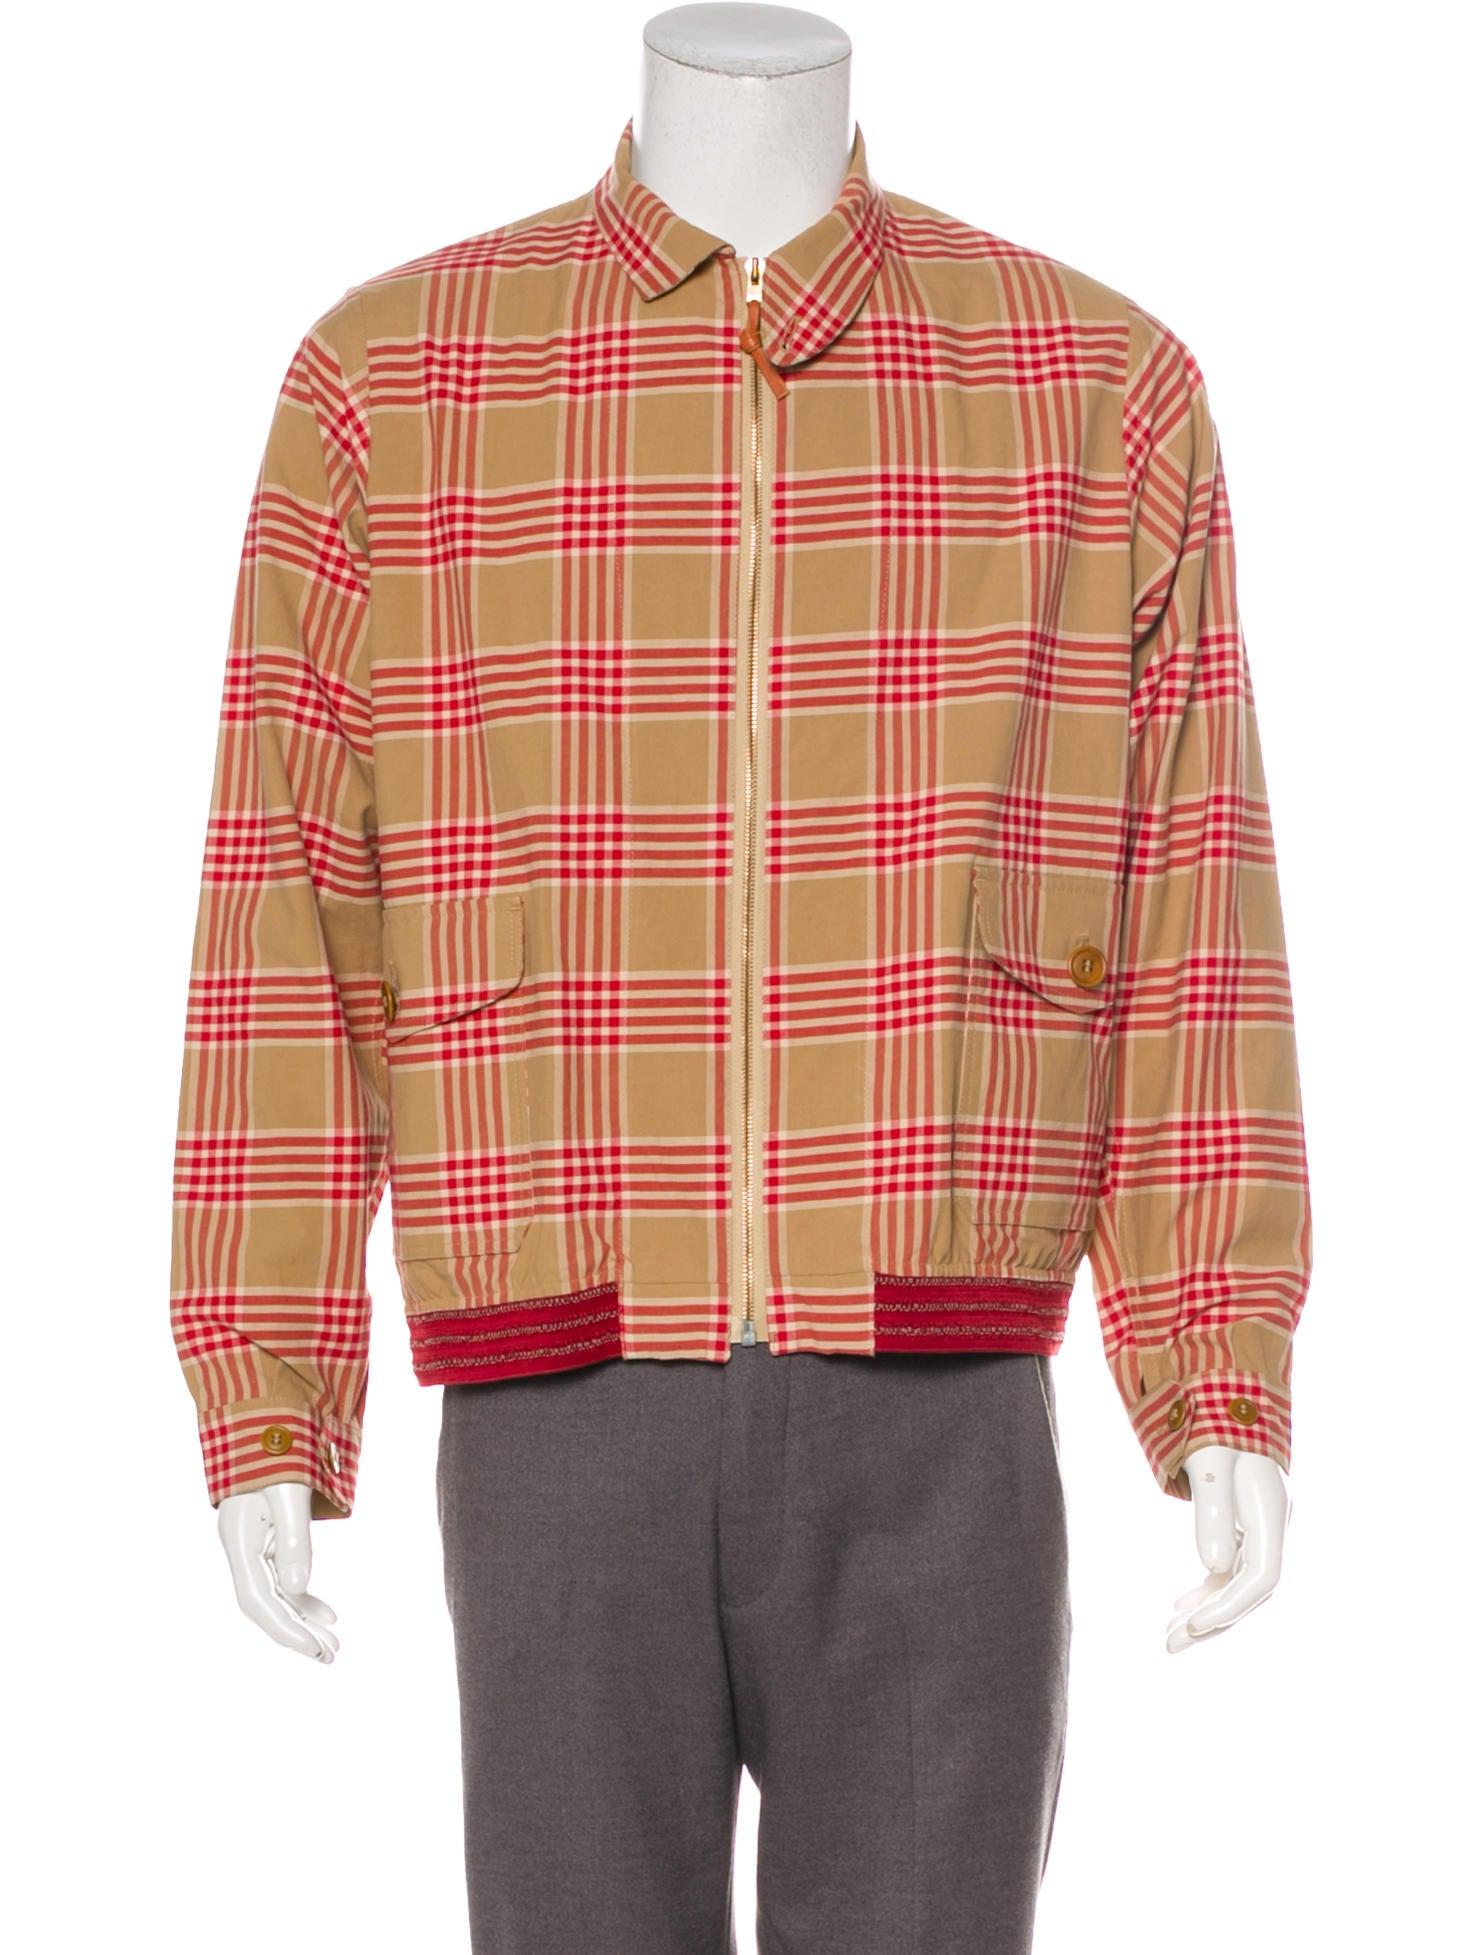 323faa4ee7fad7 Nigel Cabourn Plaid Twill Jacket - Clothing - NGL20032